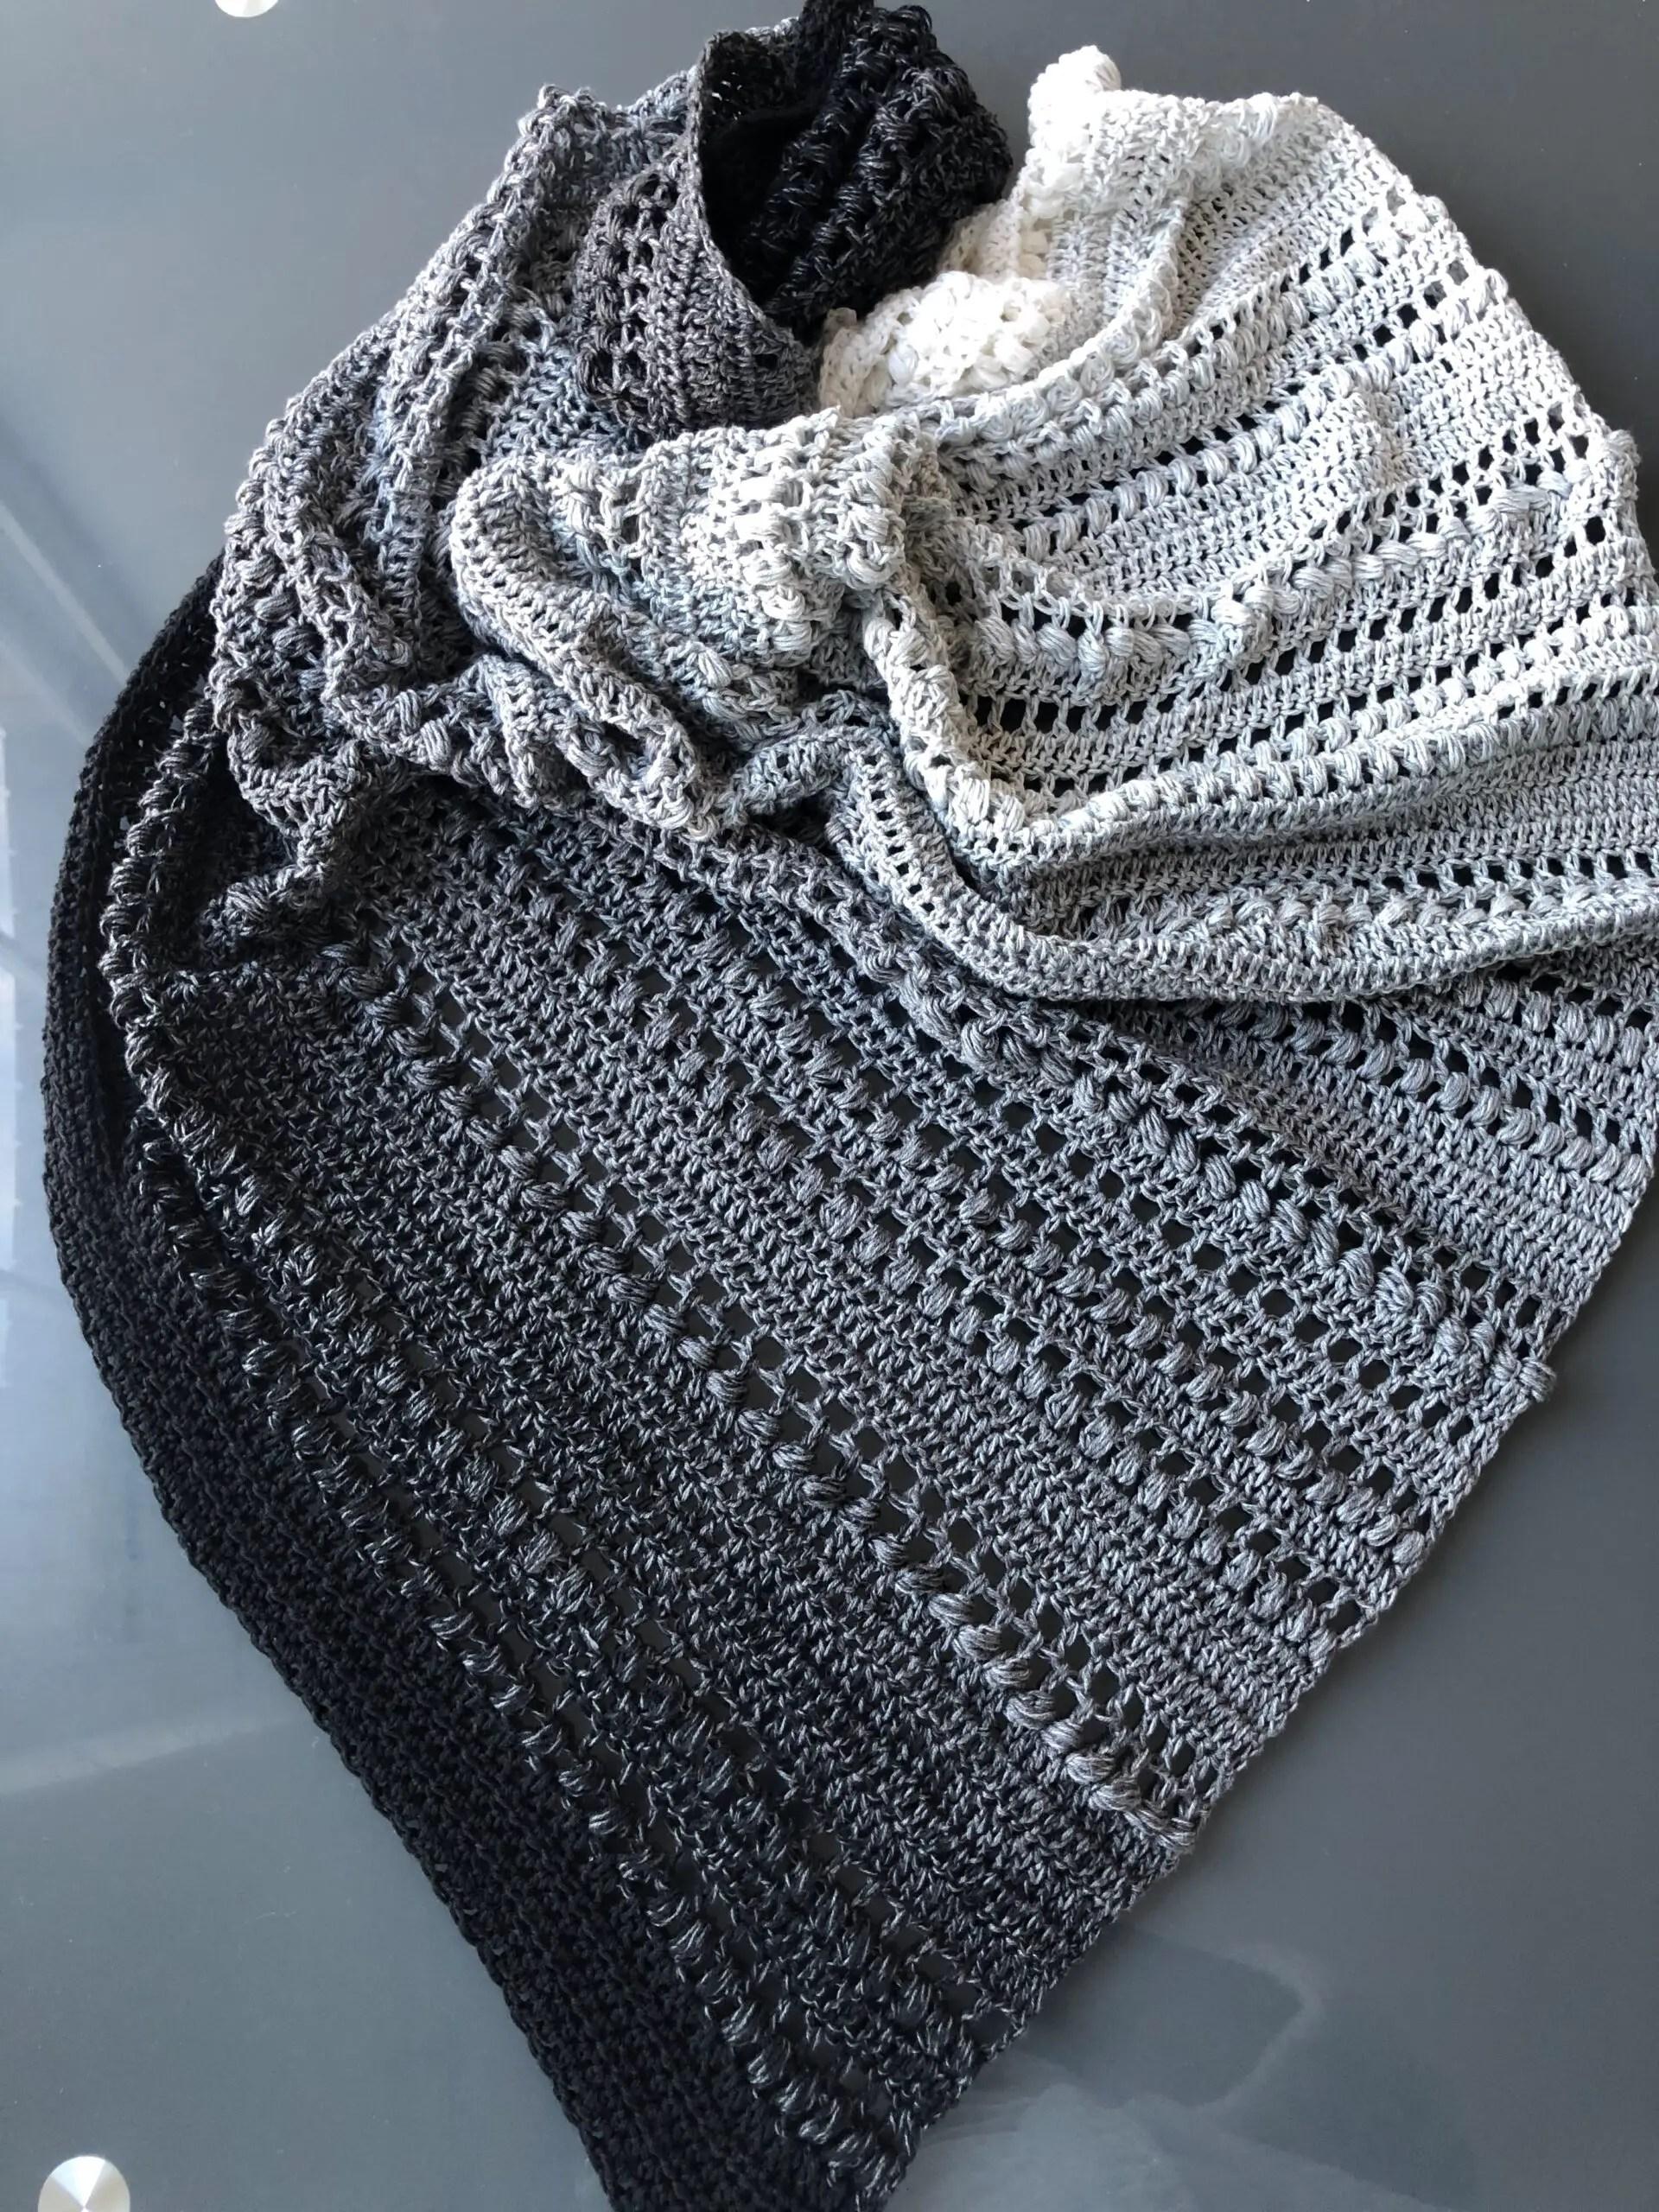 Estella Beginner Friendly Crocheted Shawl Pattern